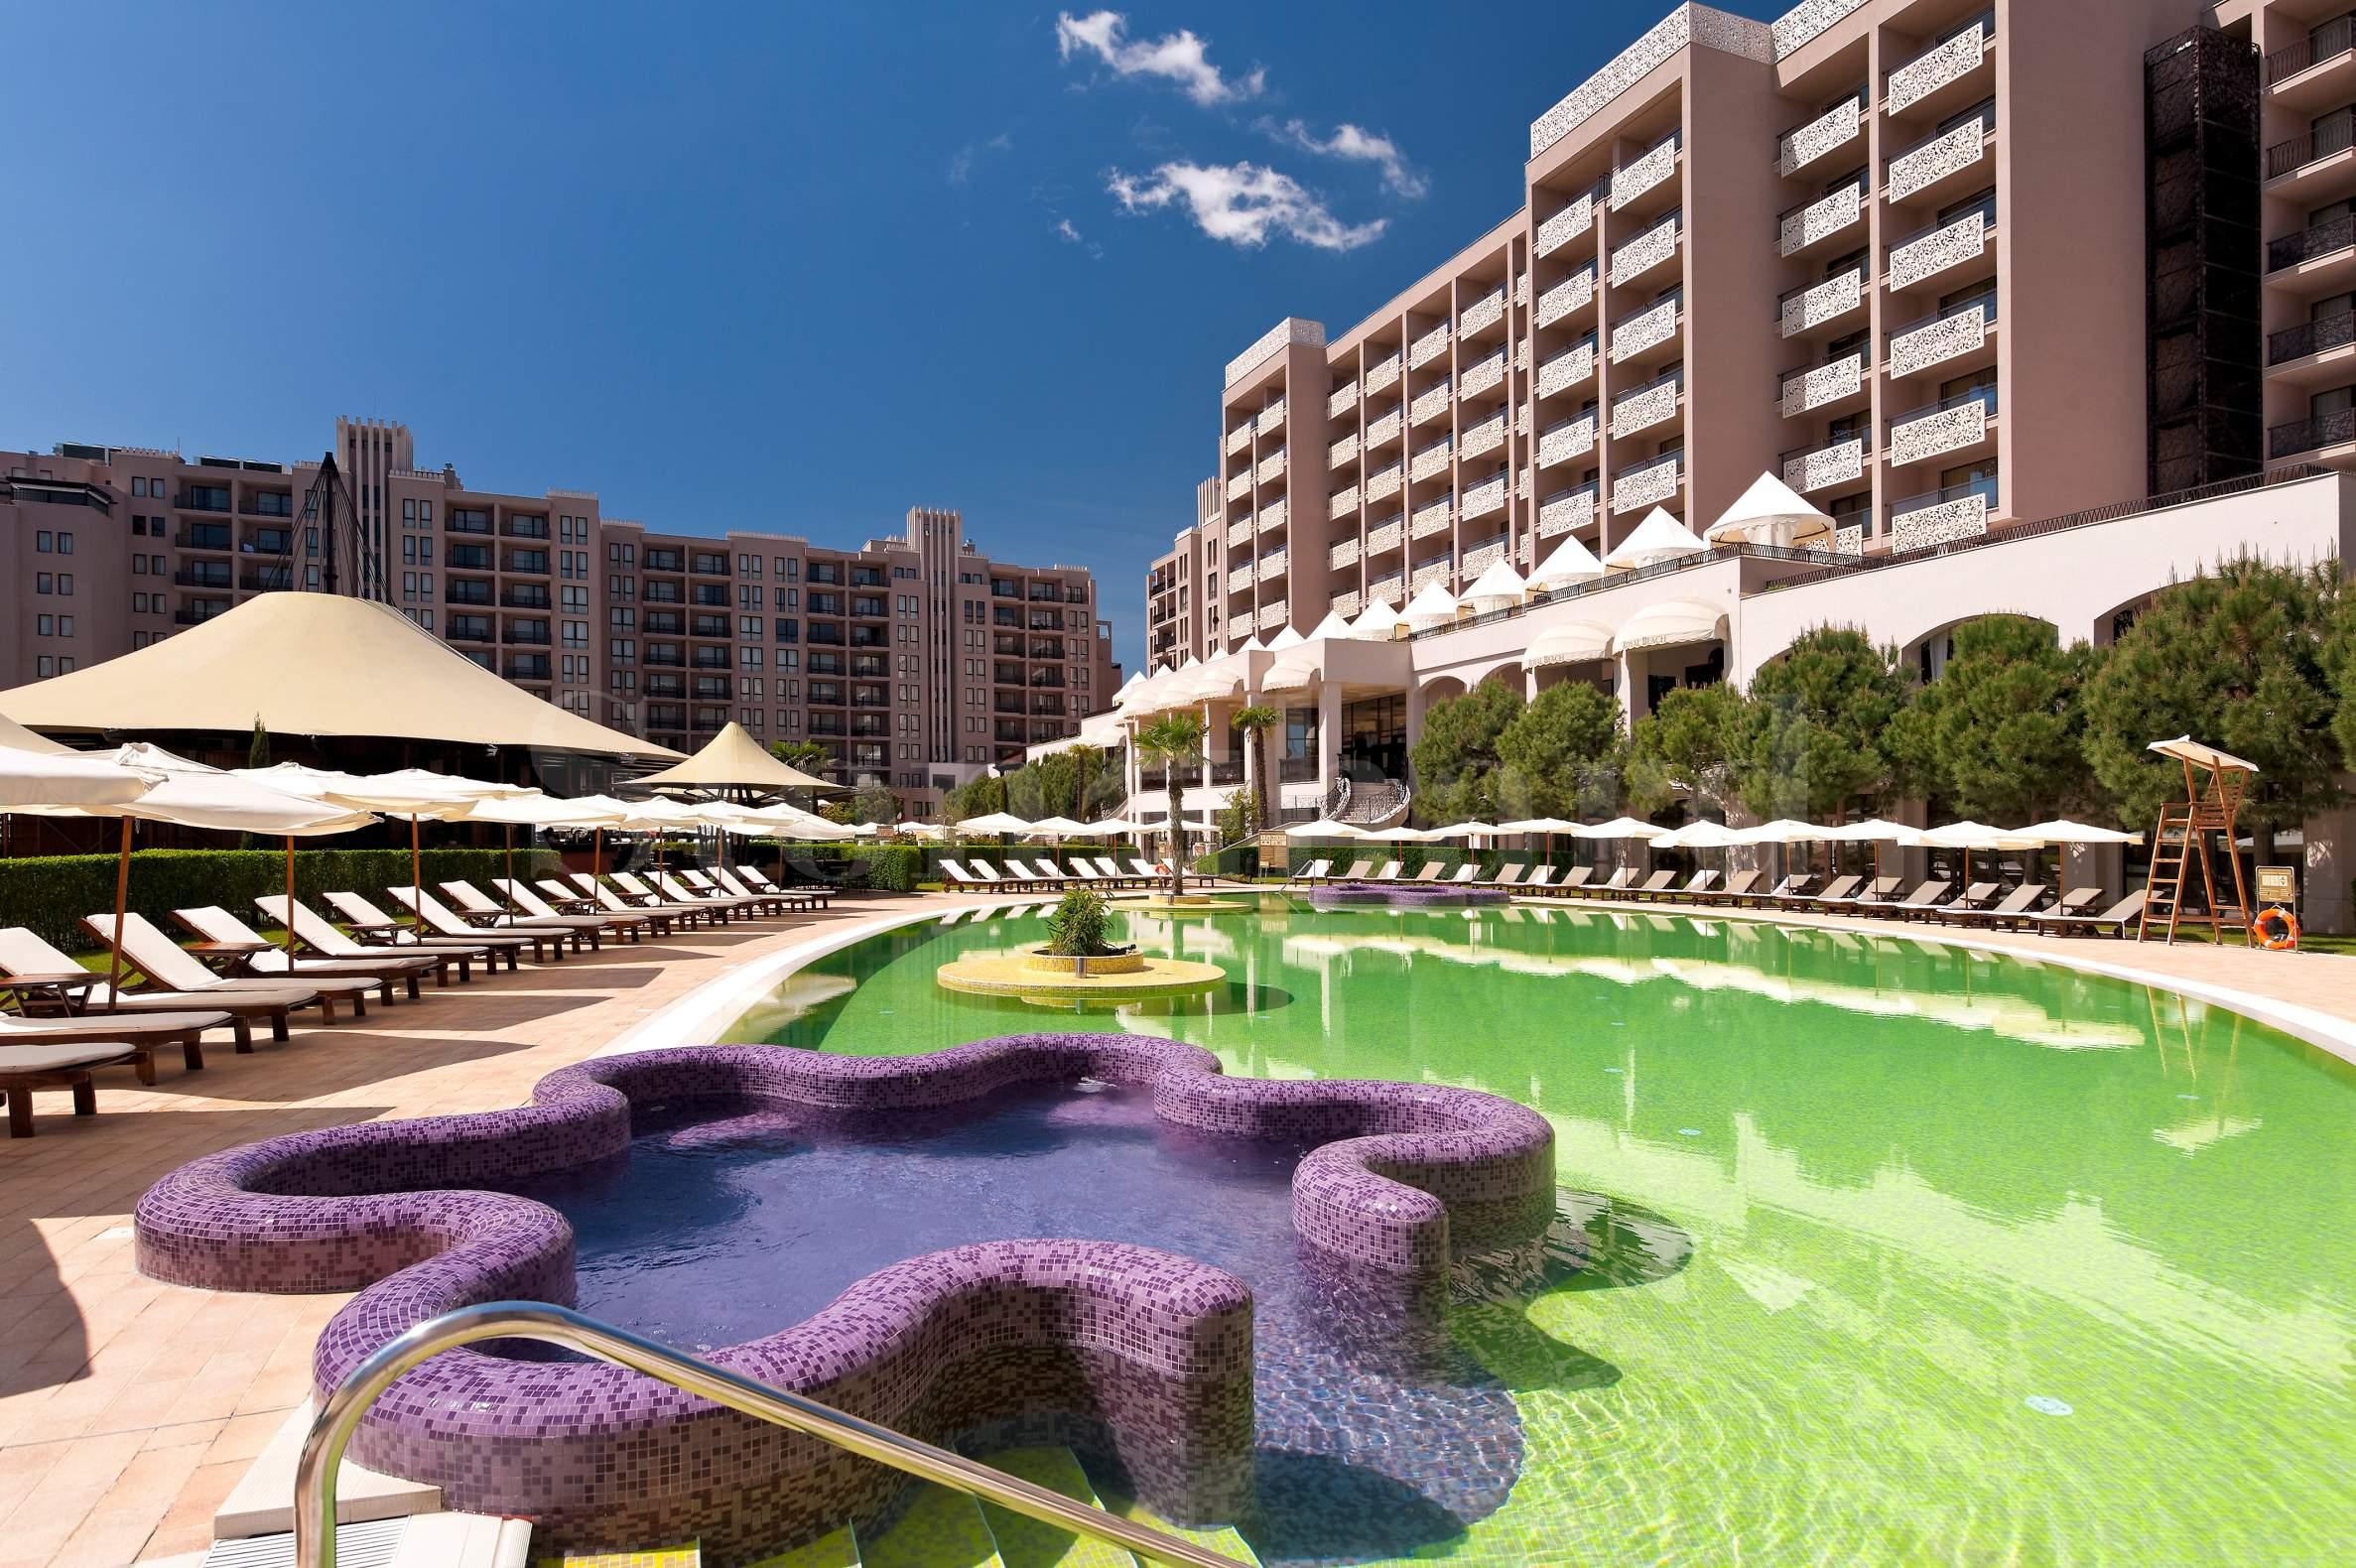 Апартаменти с дизайнерско обзавеждане в комплекс Barceló2 - Stonehard